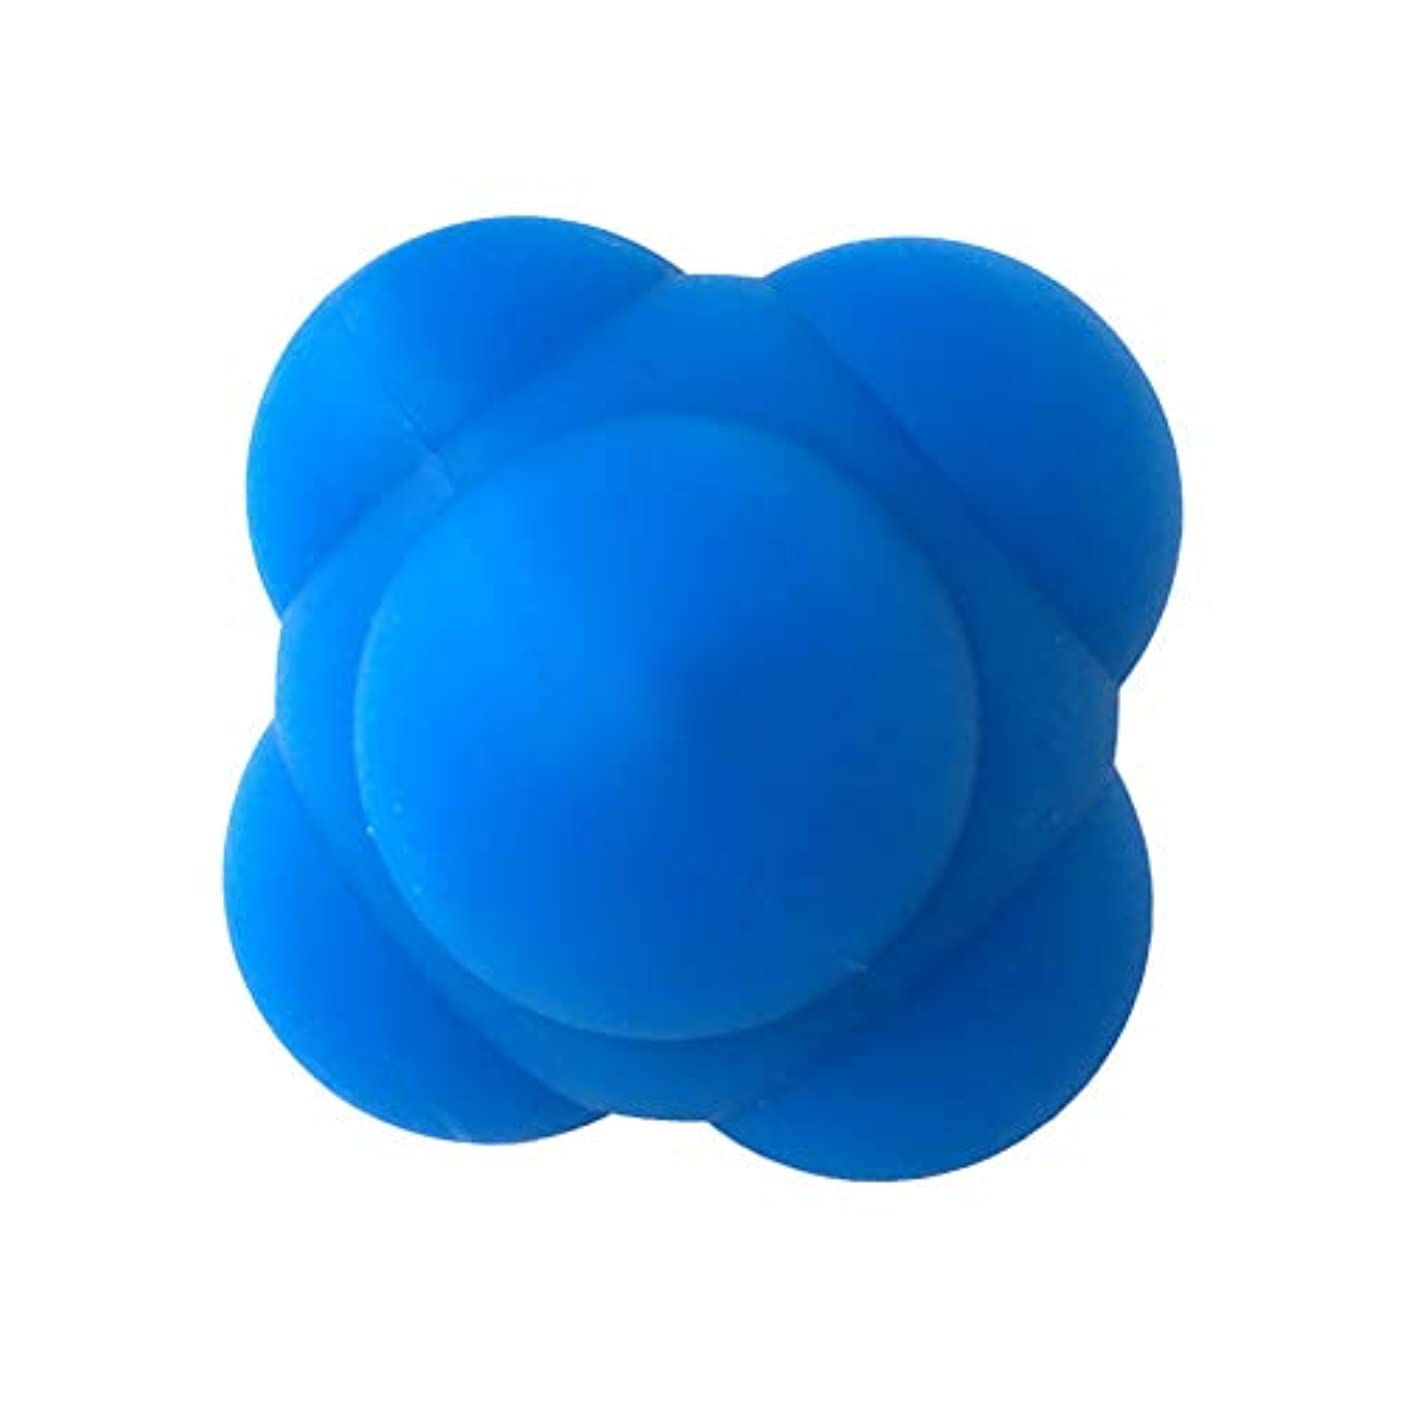 モナリザ悲観的メインHealifty 体の管理ボールスポーツシリコン六角形のボールソリッドフィットネストレーニングエクササイズリアクションボール素早さと敏捷性トレーニングボール6cm(青)